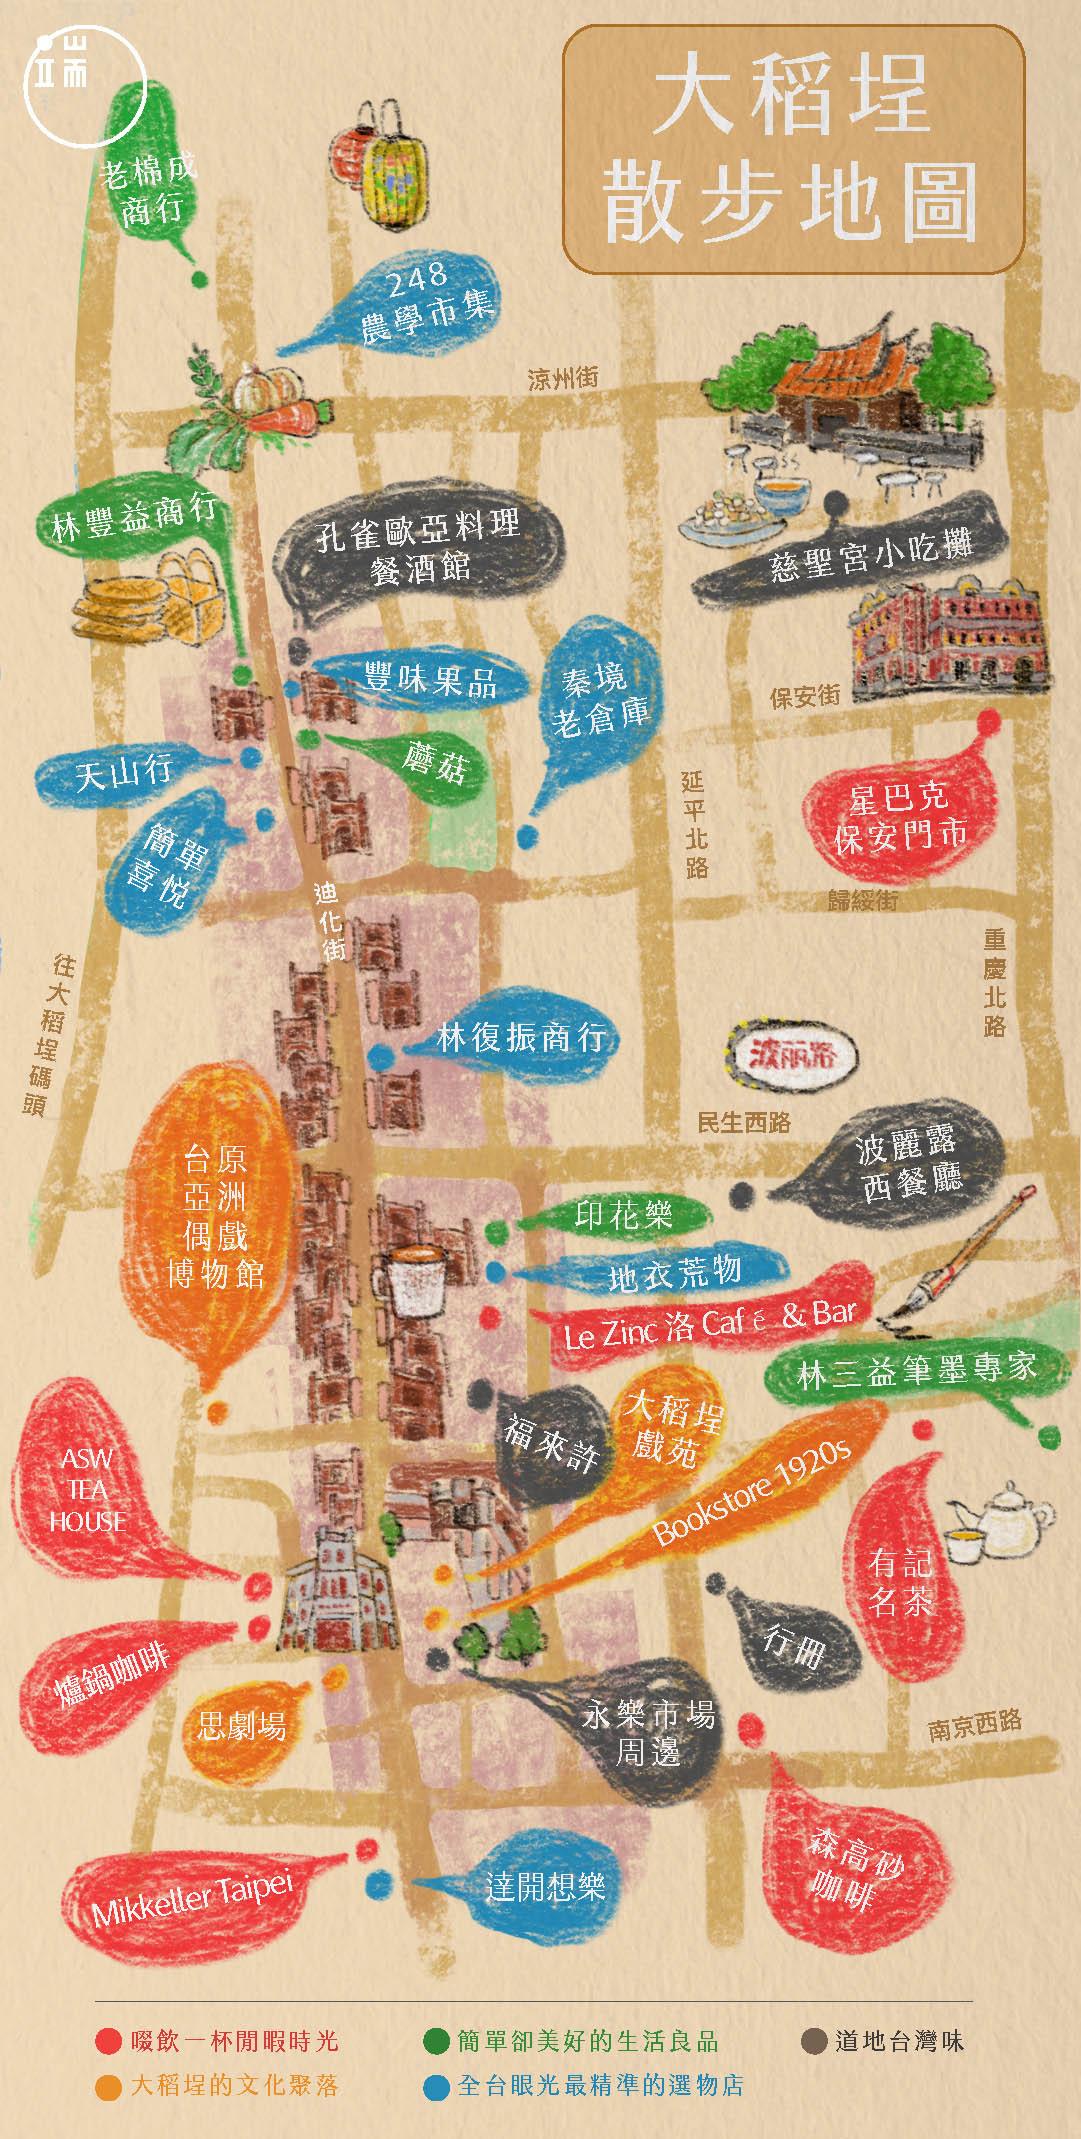 大稻埕散步地圖。